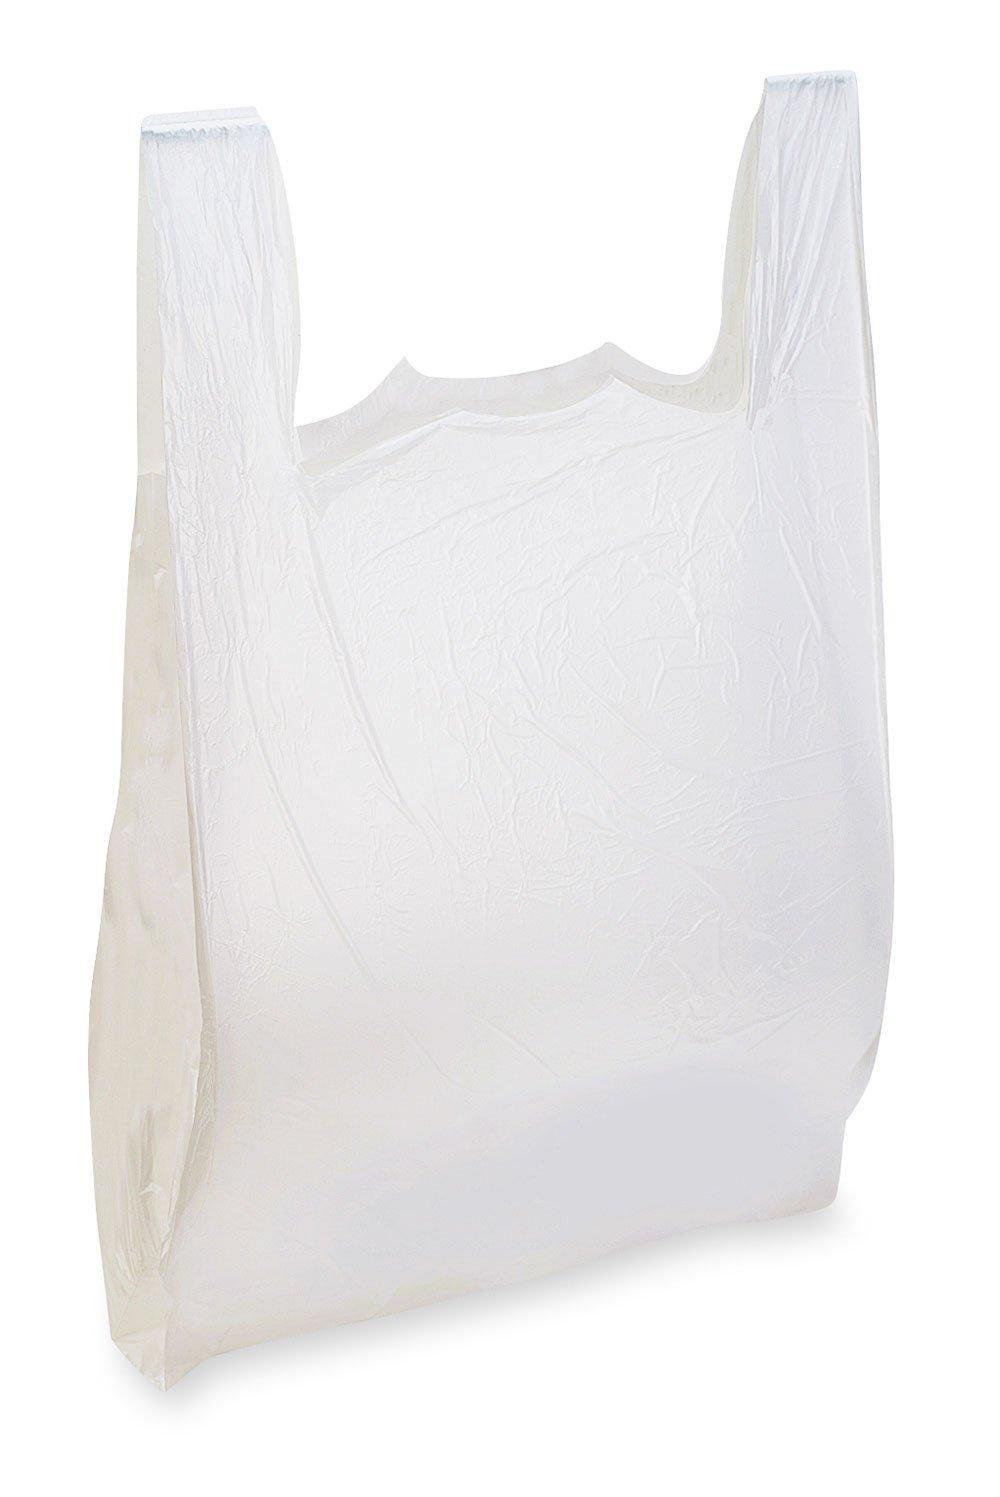 """T-Shirt Bags - 18 Mic LDPE - 12"""" x 7"""" x 22.5"""" (1000/cs)"""